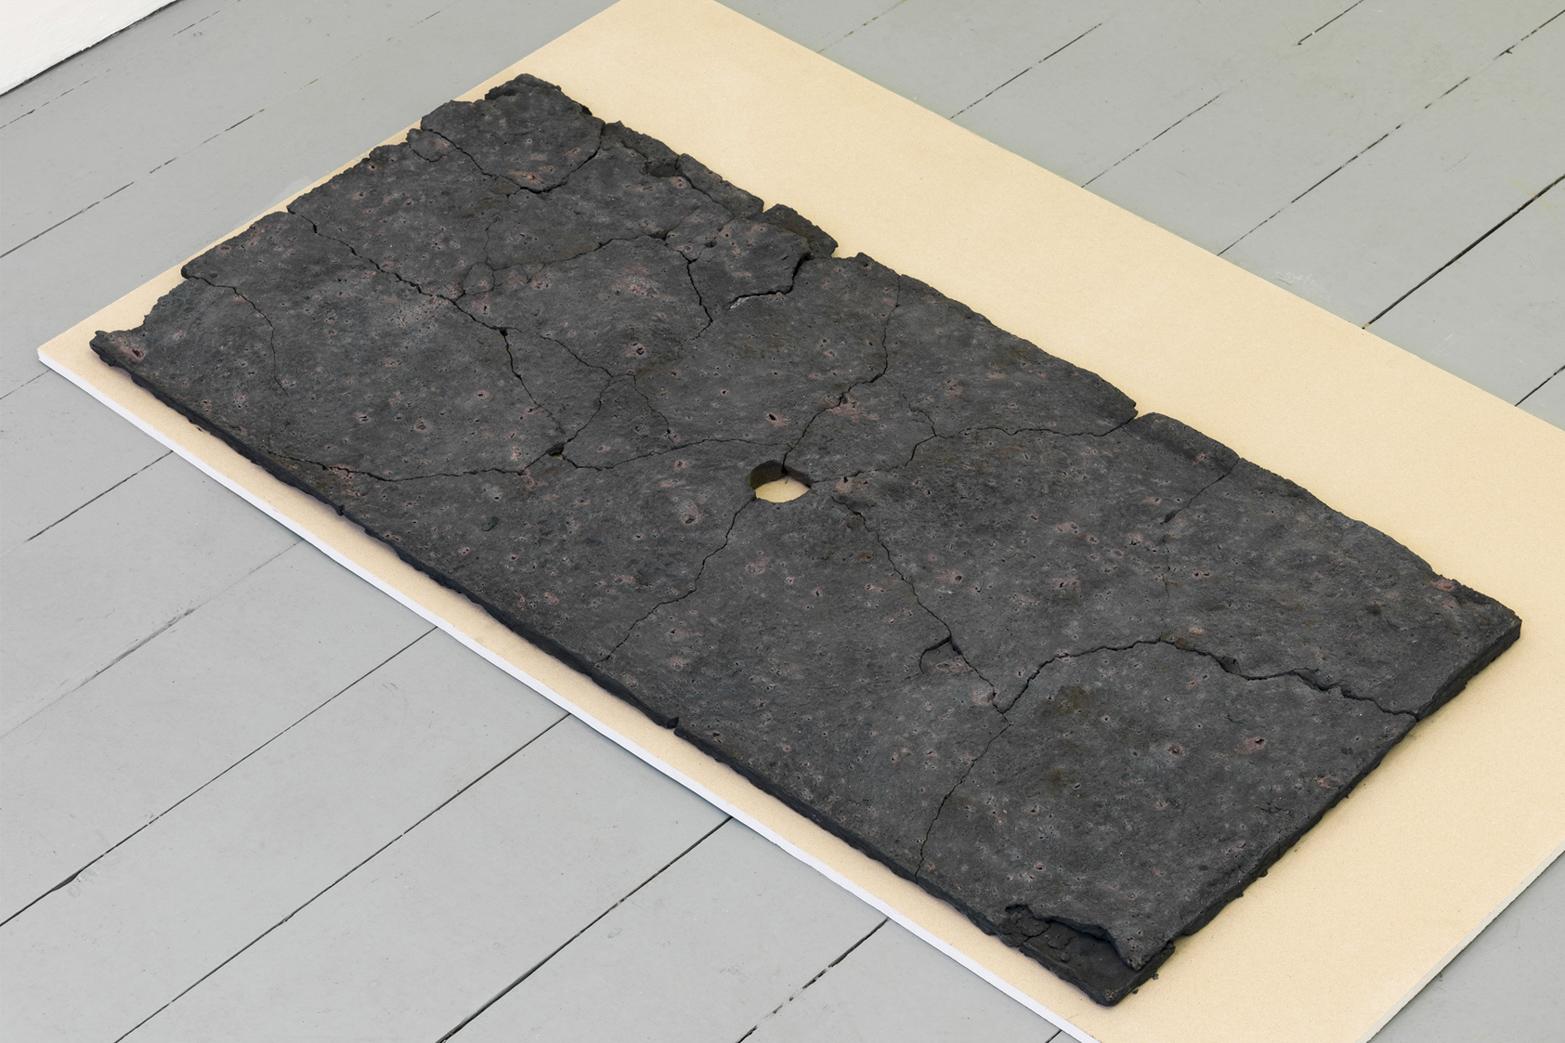 Andrea Zucchini, Site, 2014, iron sulfate, plasterboard.